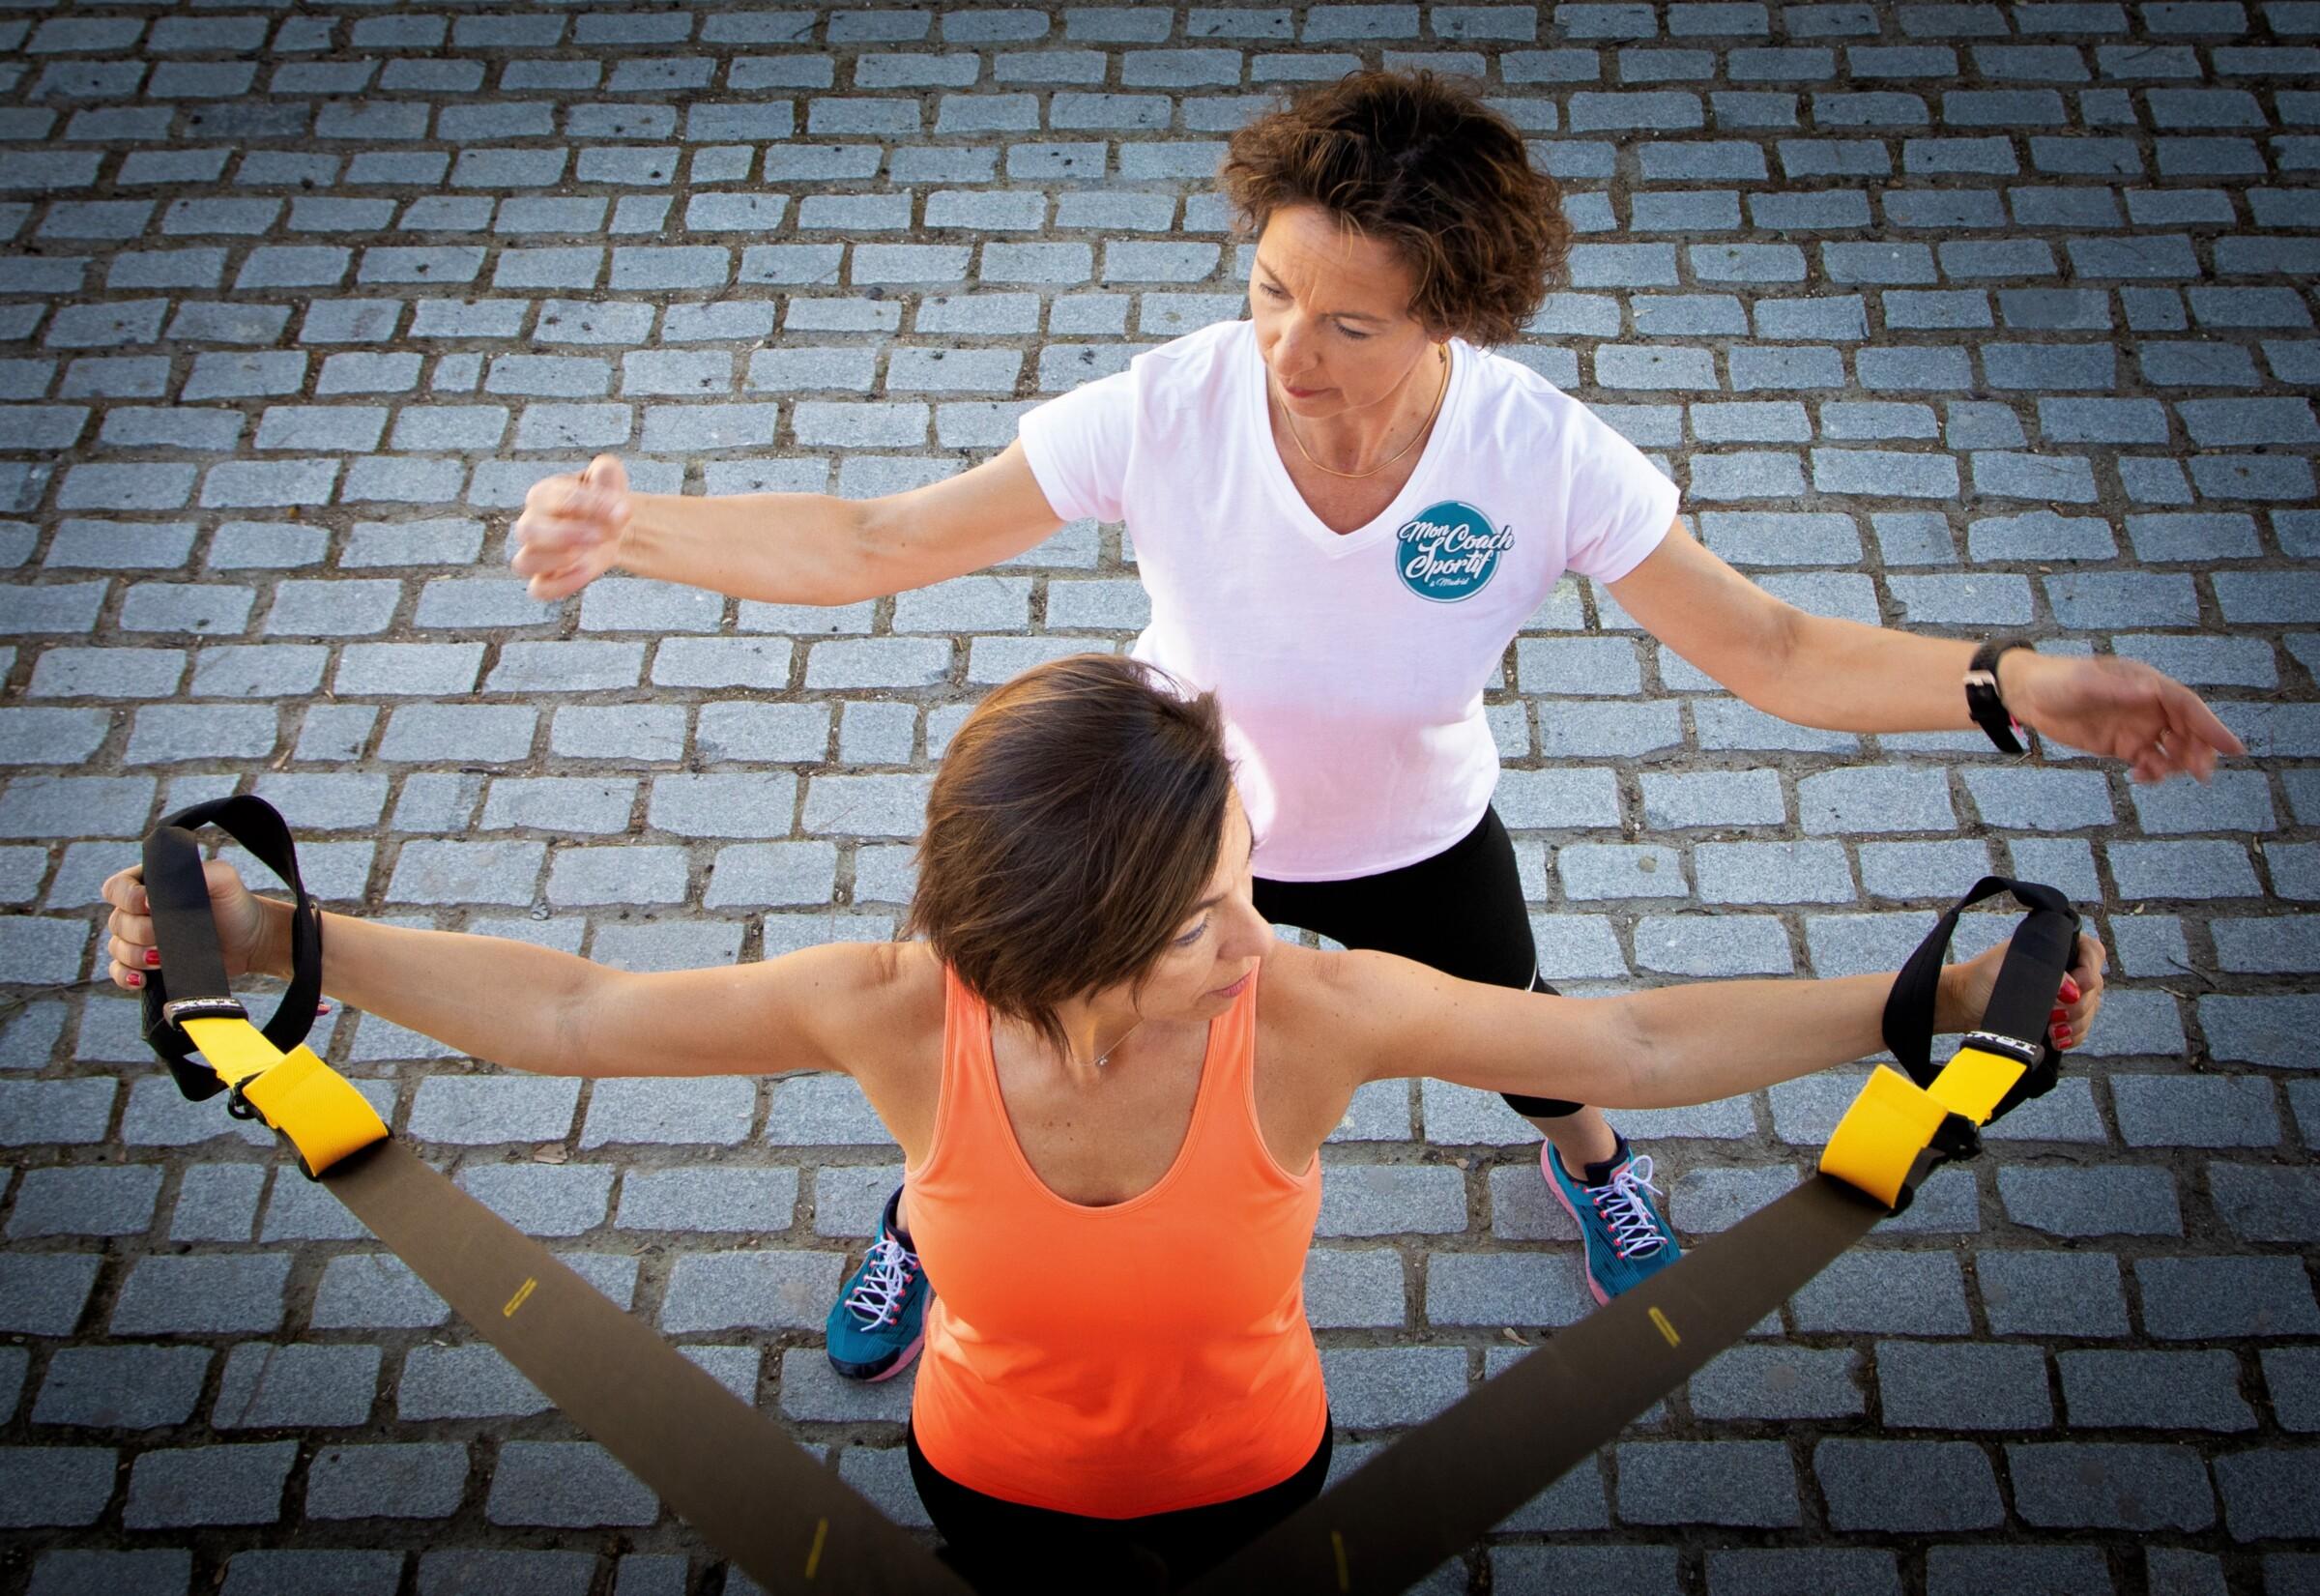 conversación y deporte en francés